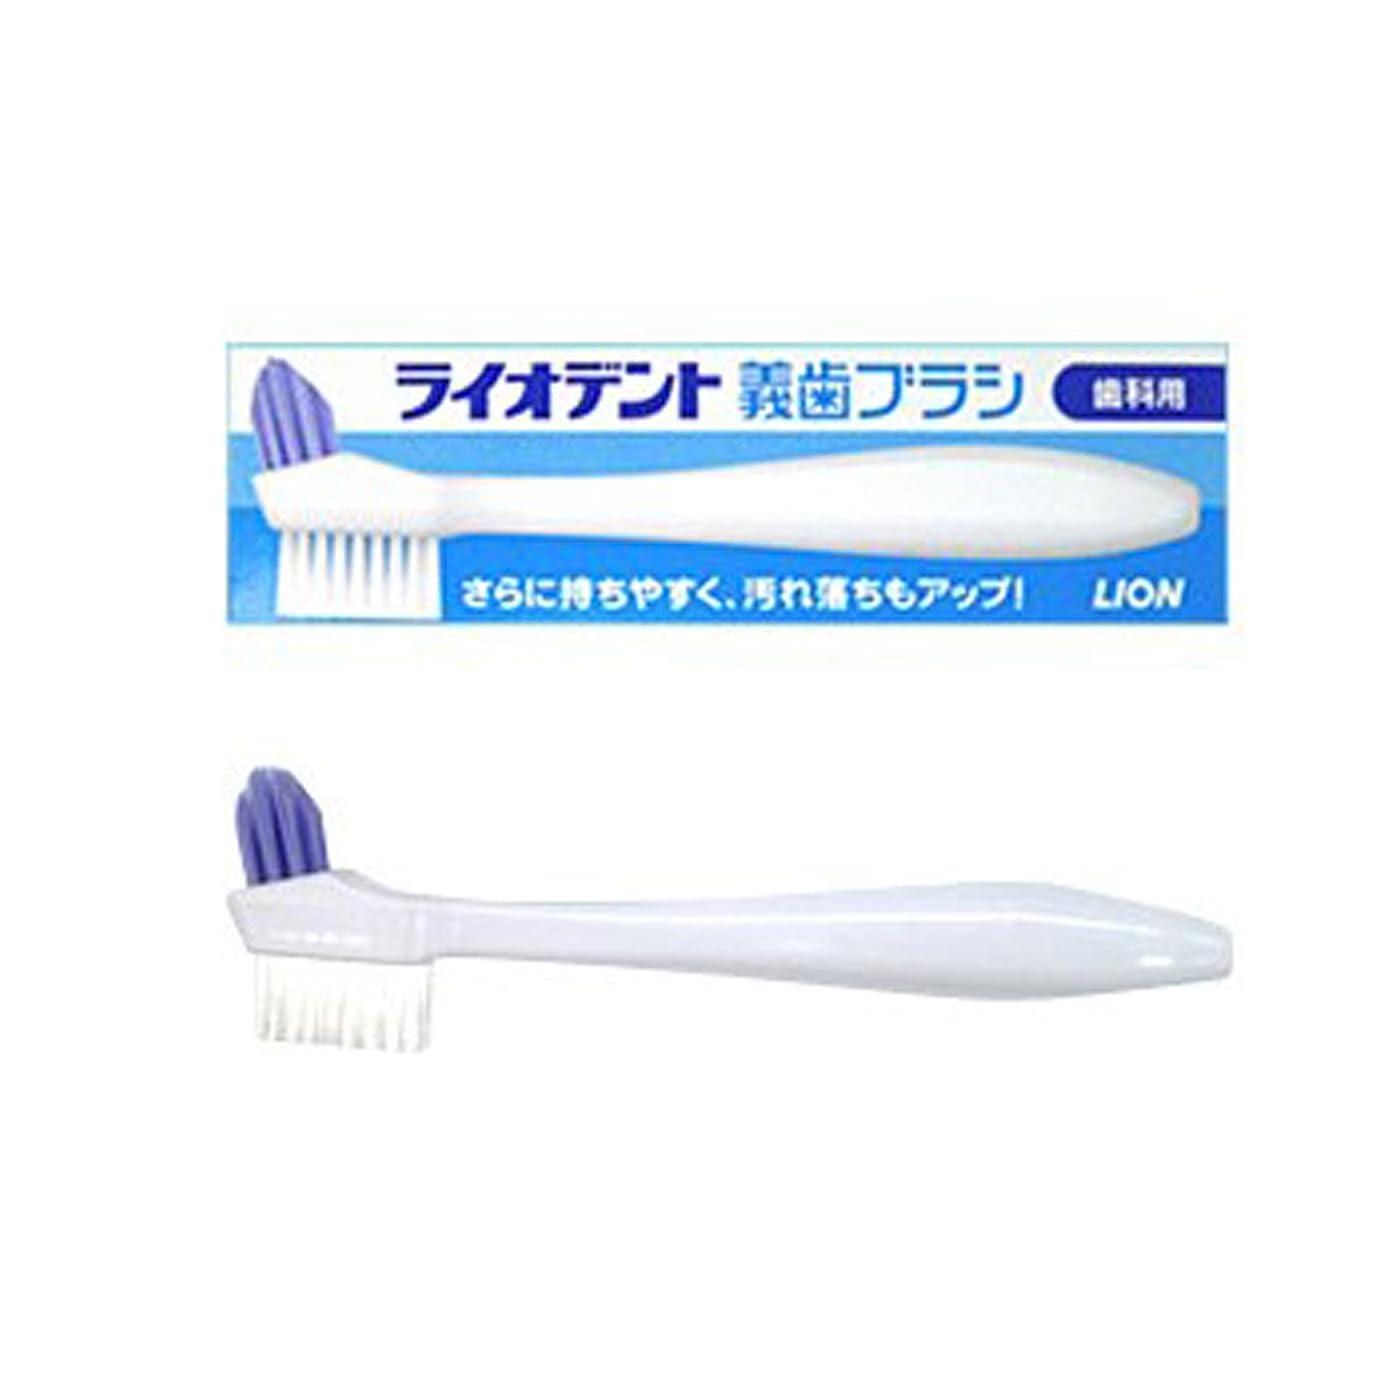 協定極貧減少ライオデント義歯ブラシ 1本